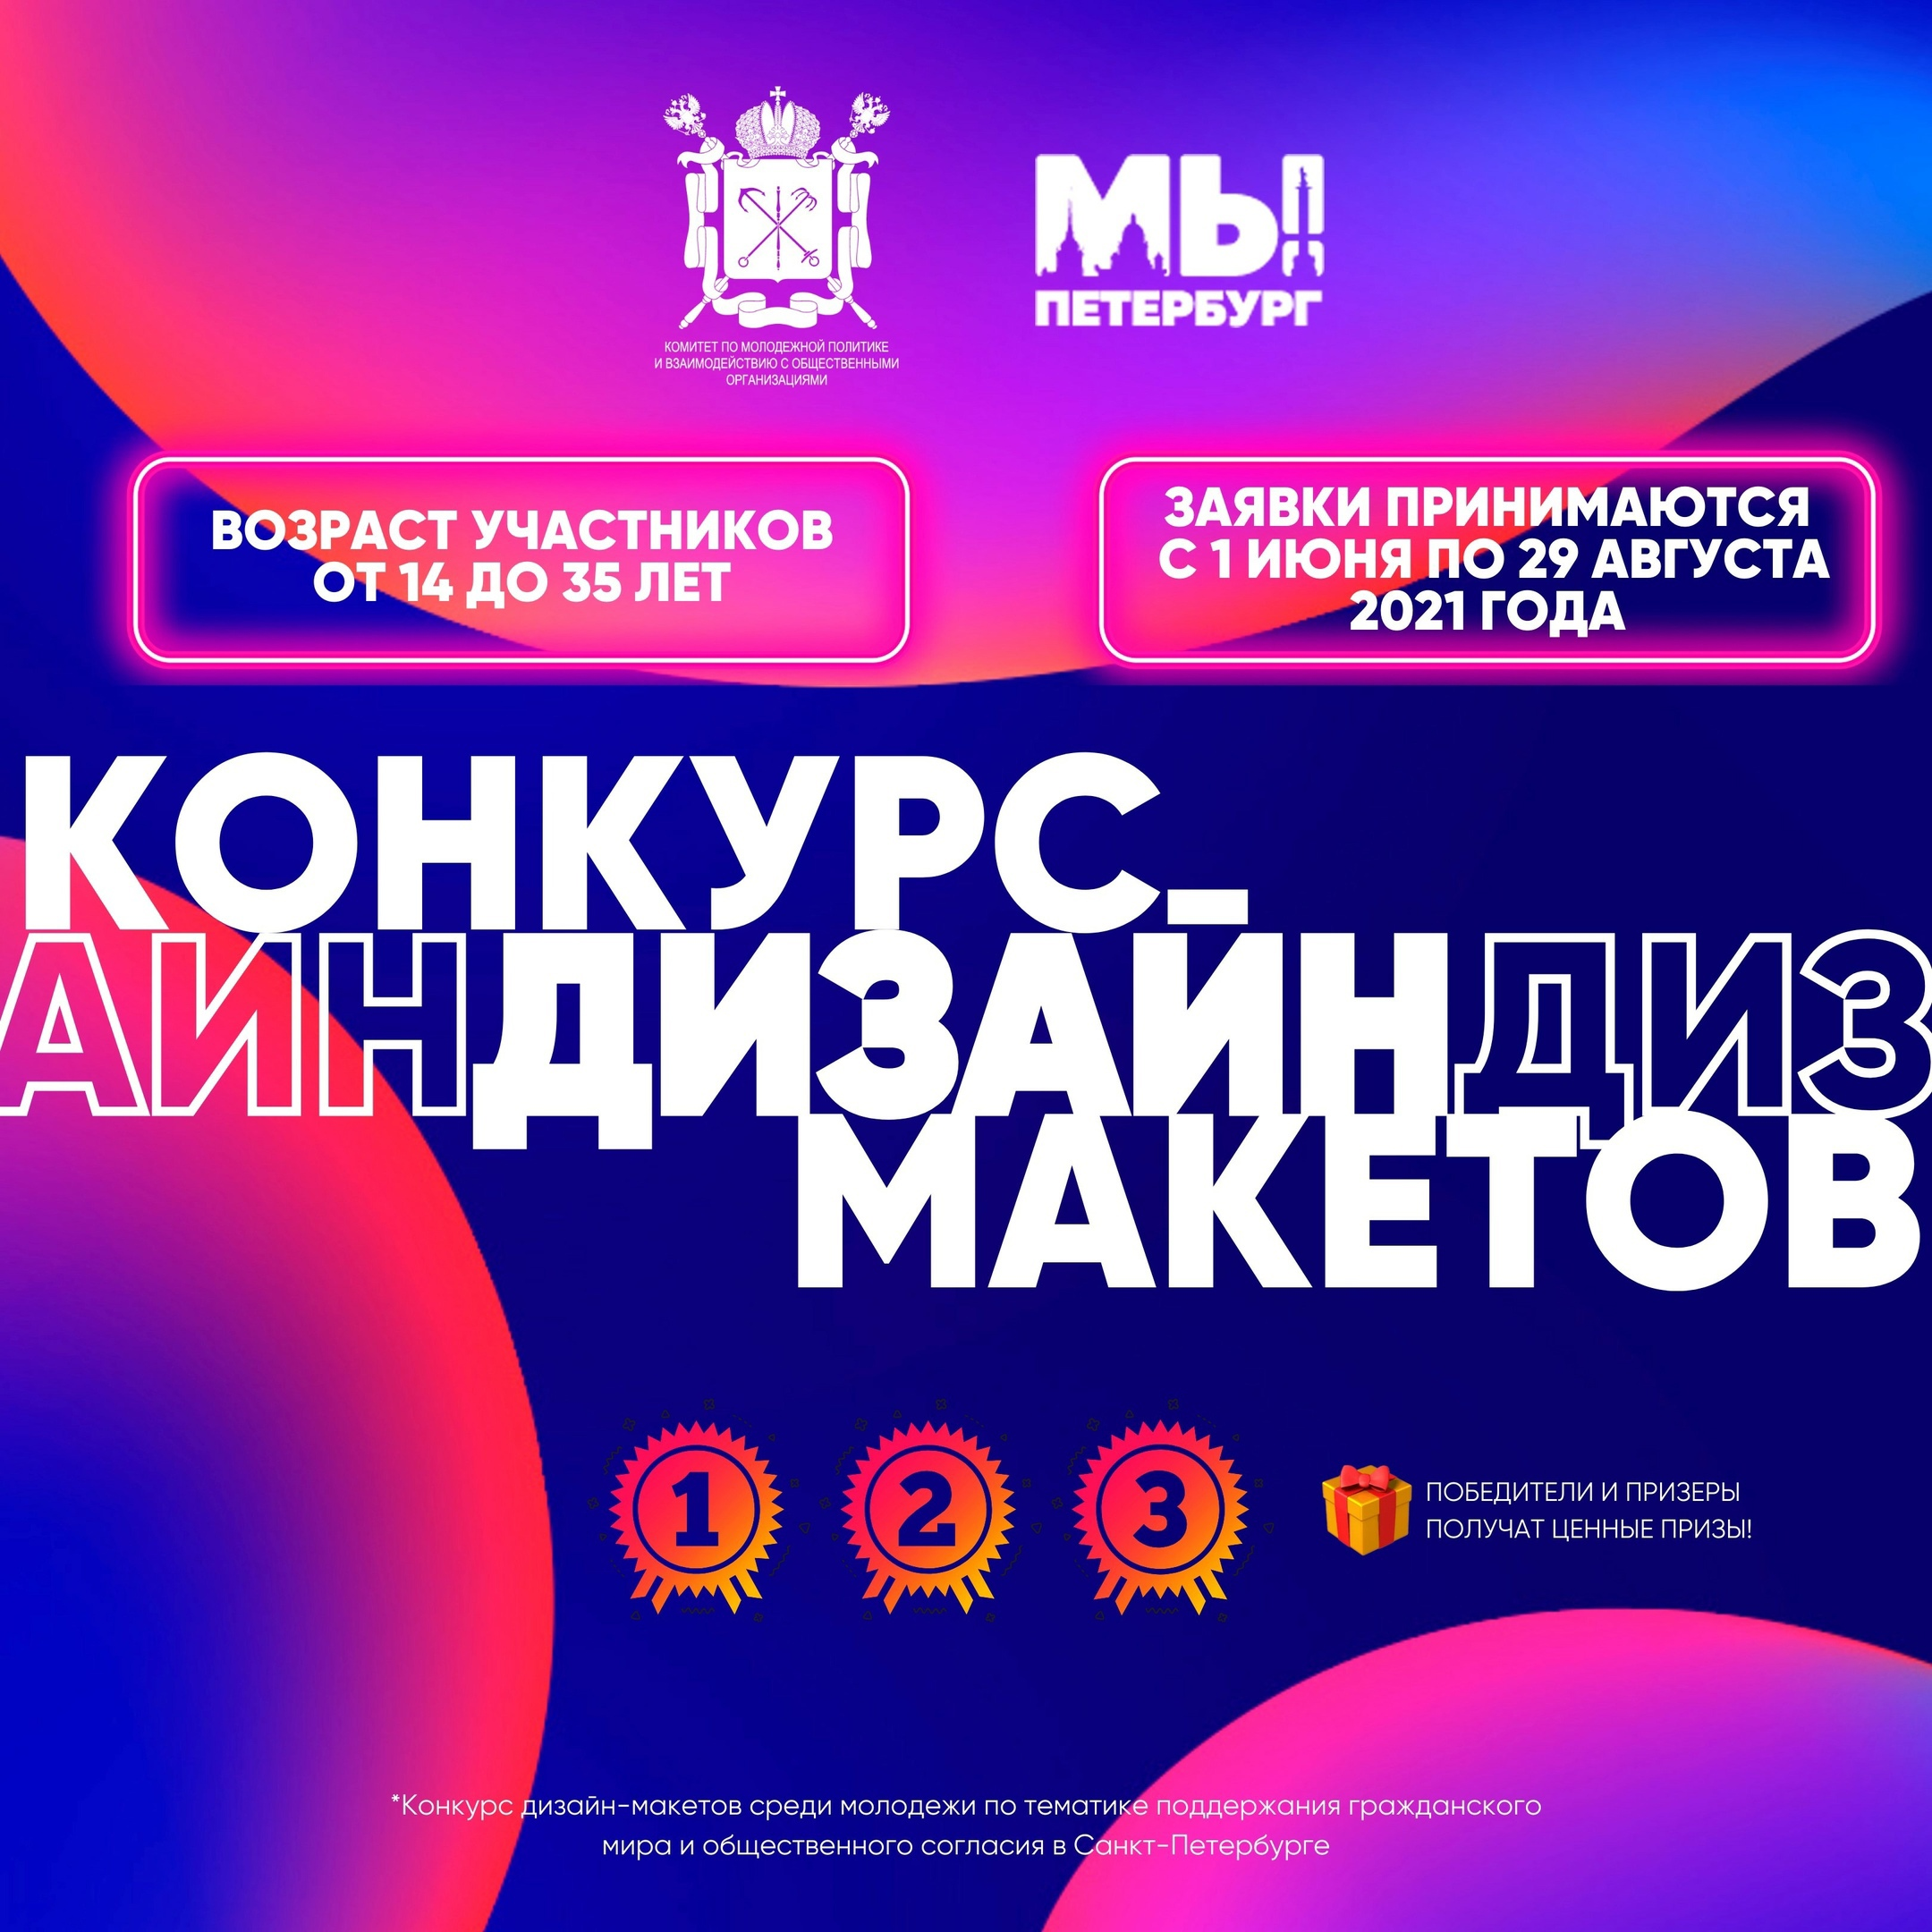 Конкурс дизайн-макетов пройдет в Петербурге